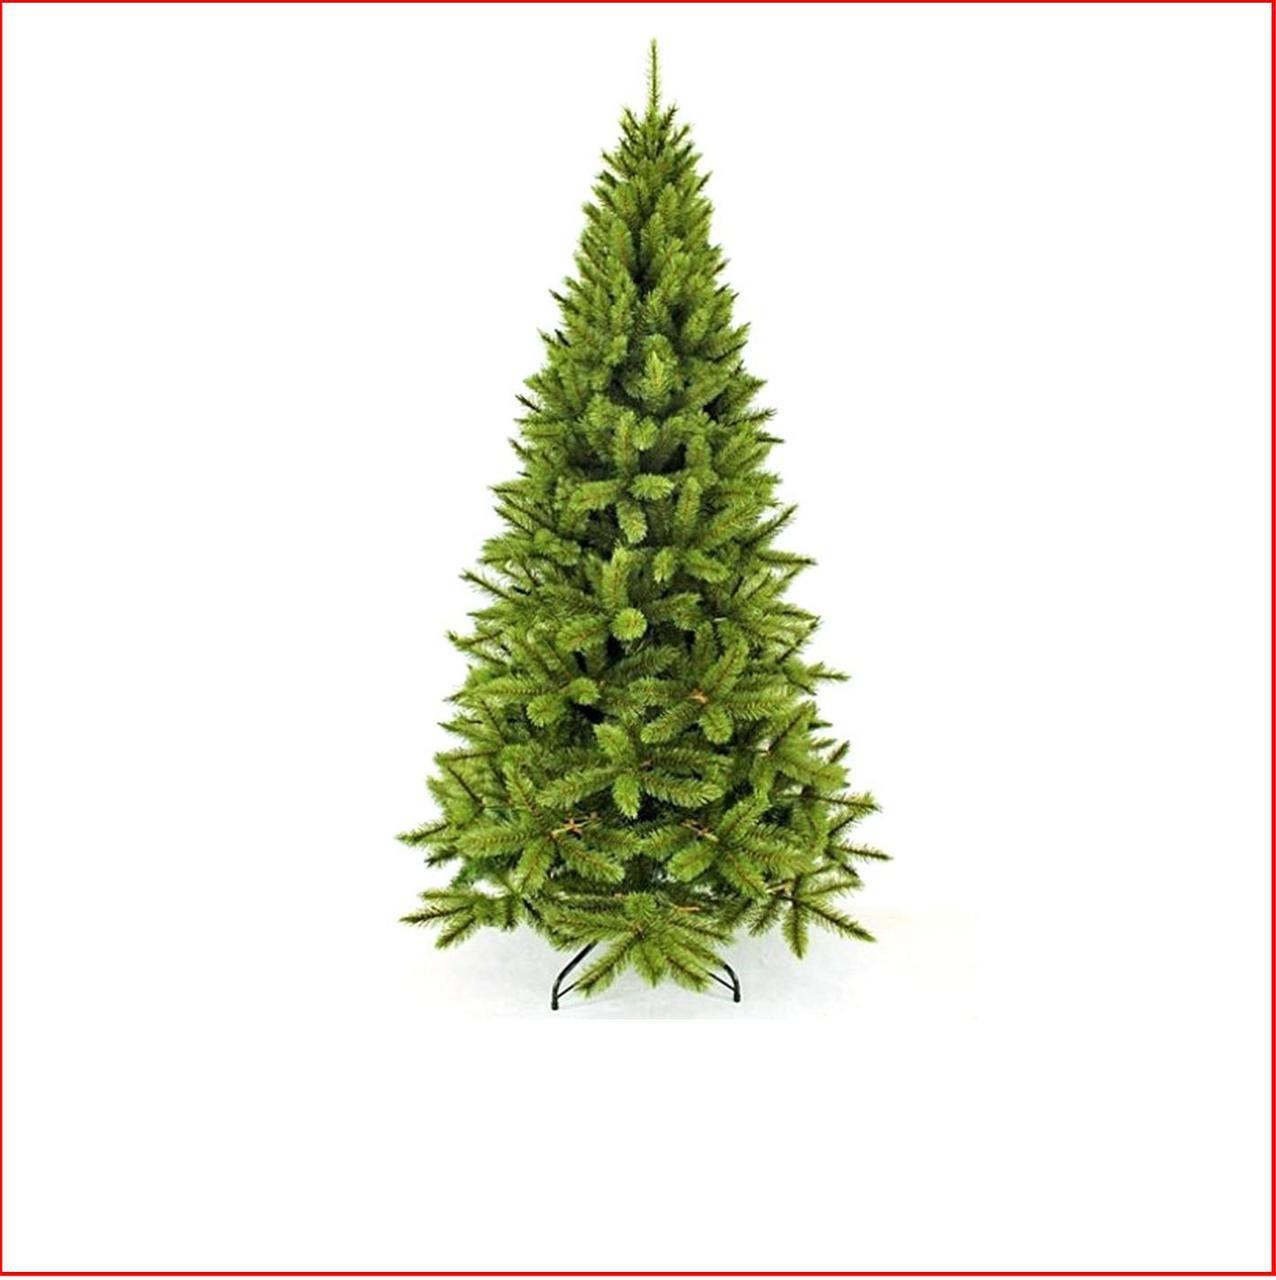 Christmas Tree Needles: Virginia Pine 2.13m Slim Hard Needle Christmas Tree